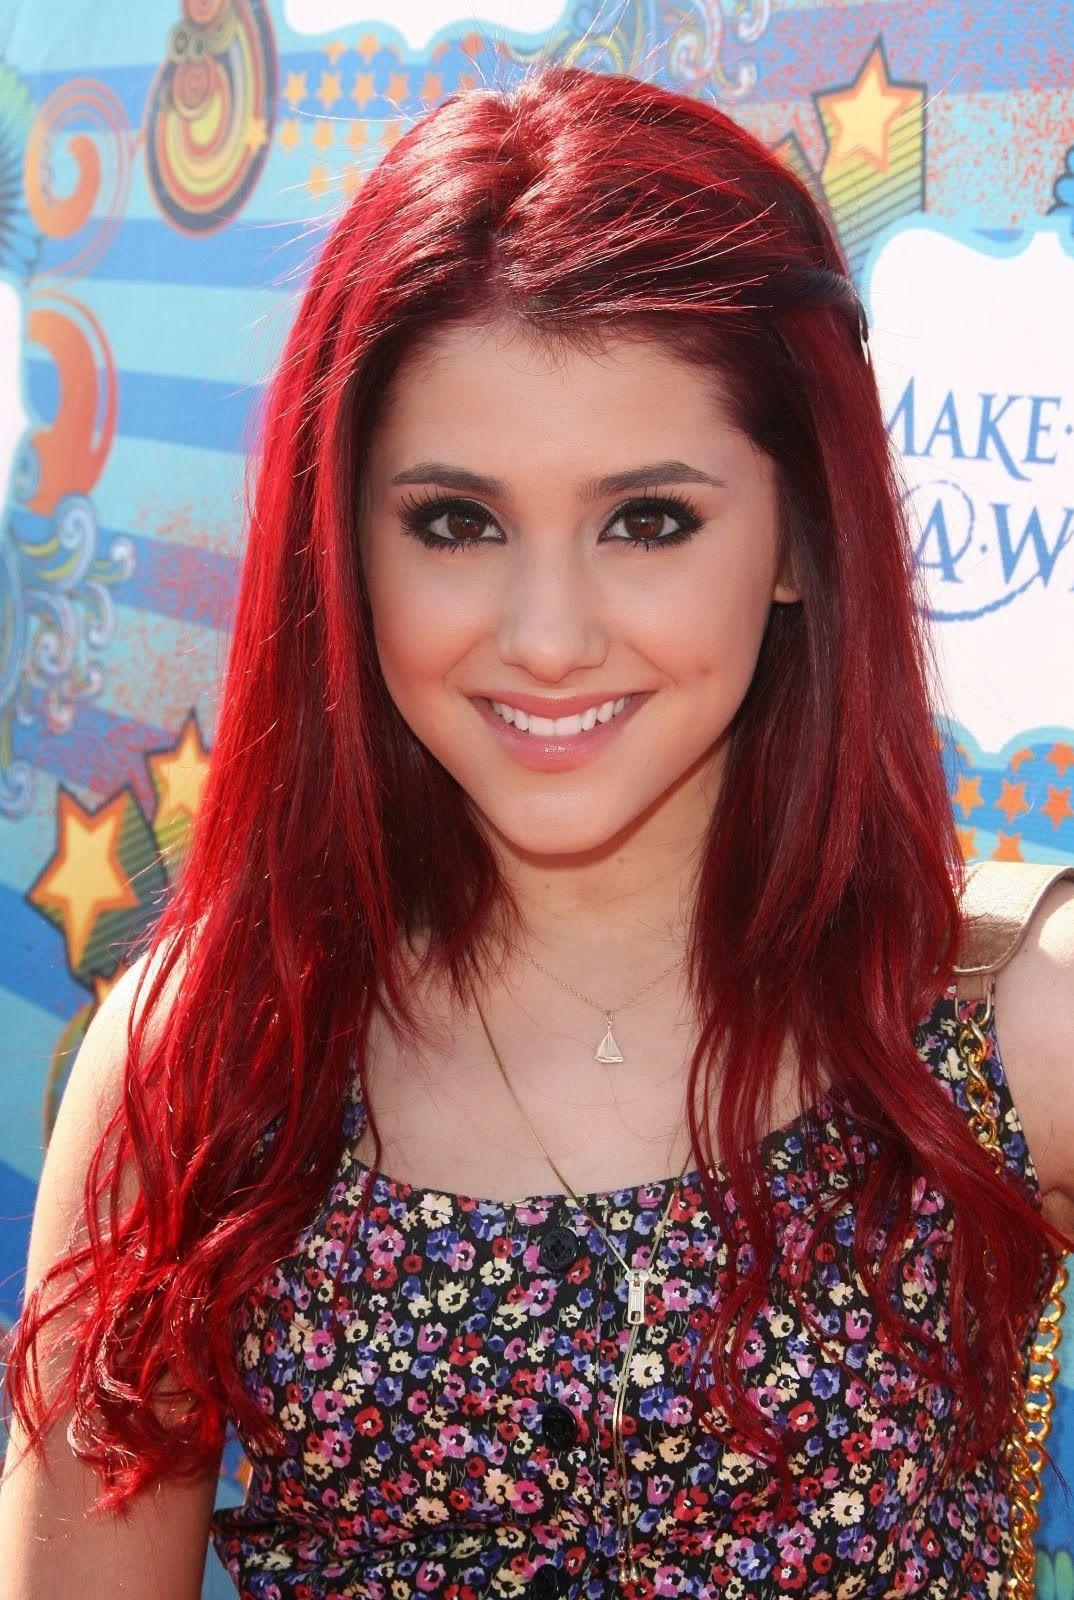 grande red hair Ariana